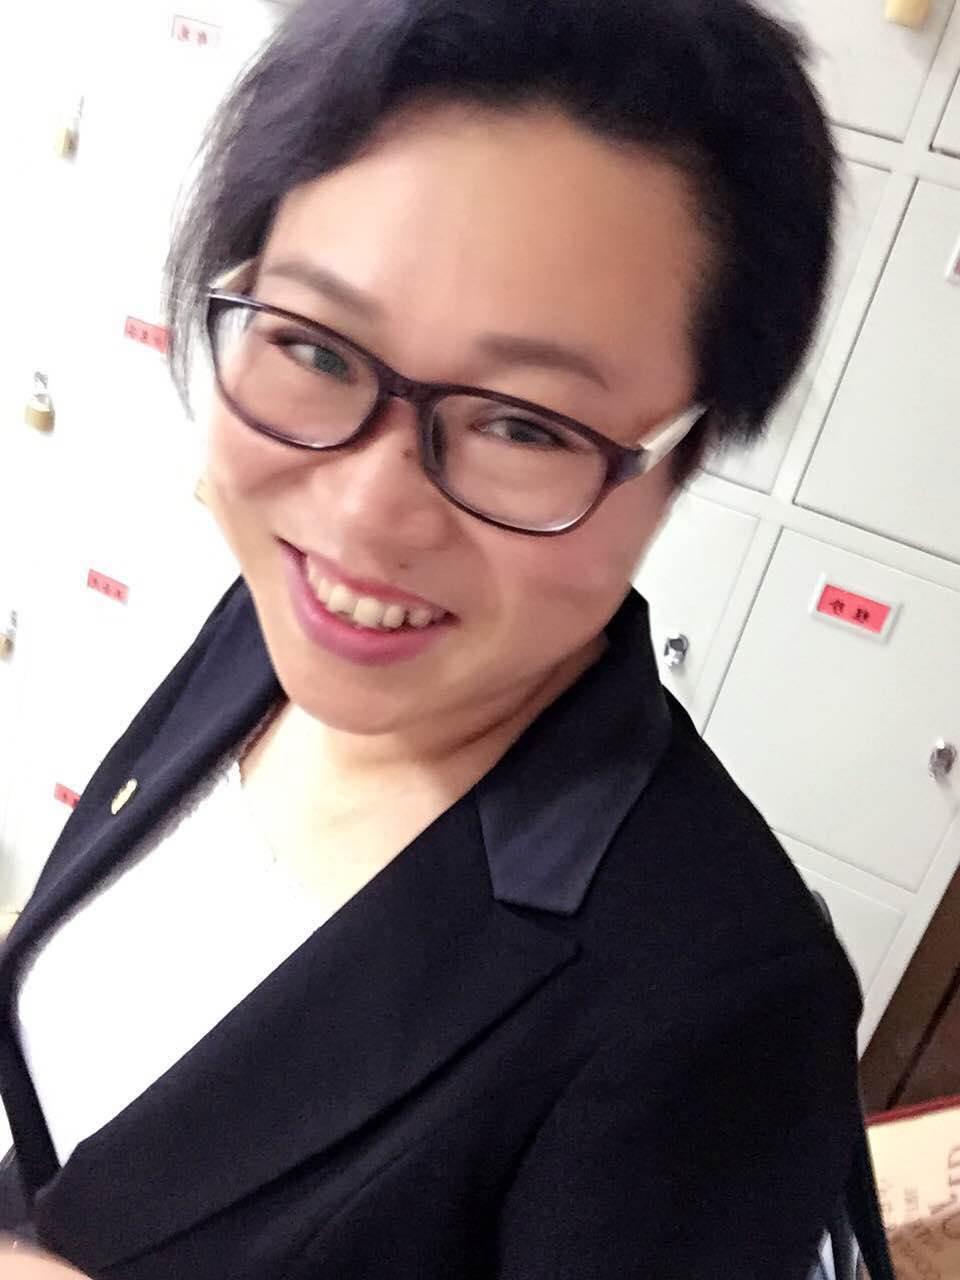 浙江金华磐安平安保险代理人刘晓燕的个人名片